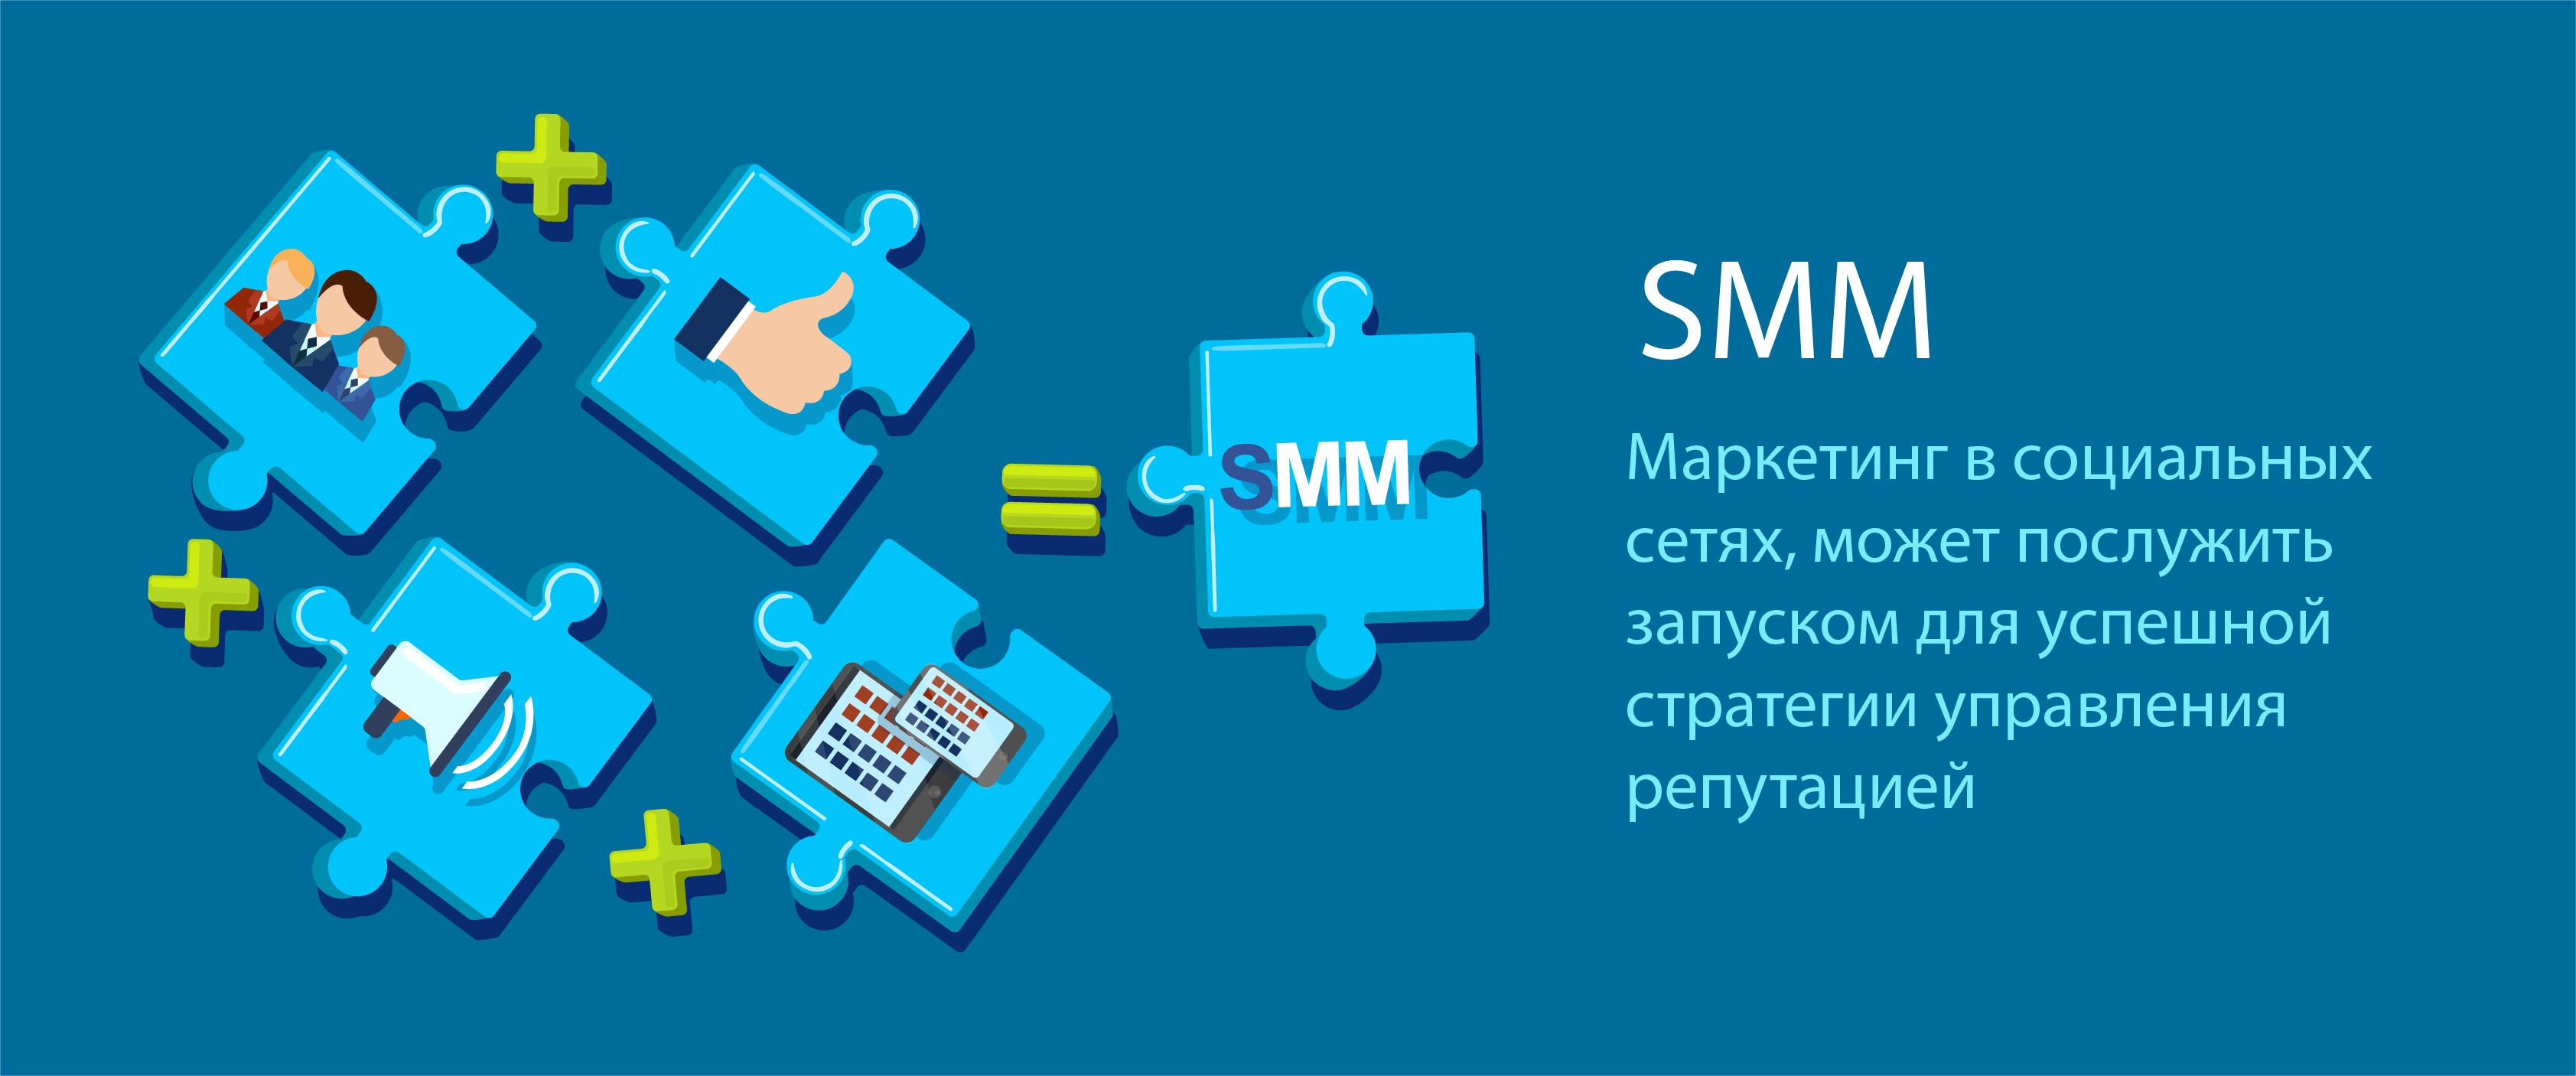 Кто такой специалист в области SMM?